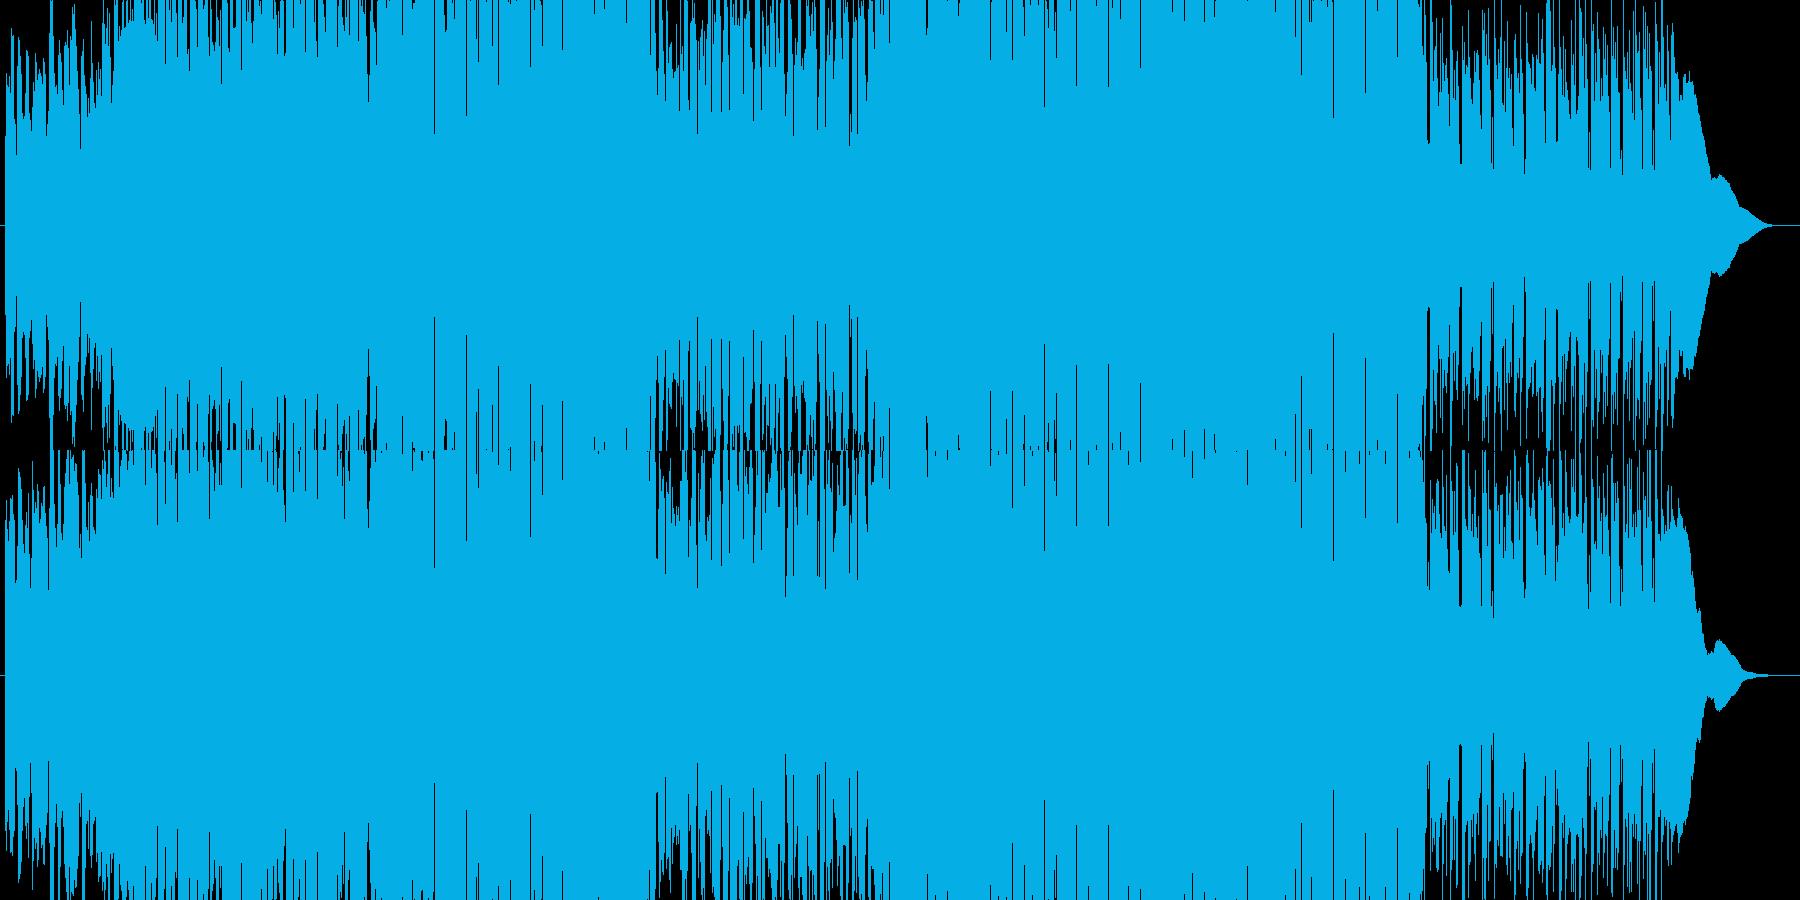 ギターカッティングを絡めたポップなハウスの再生済みの波形